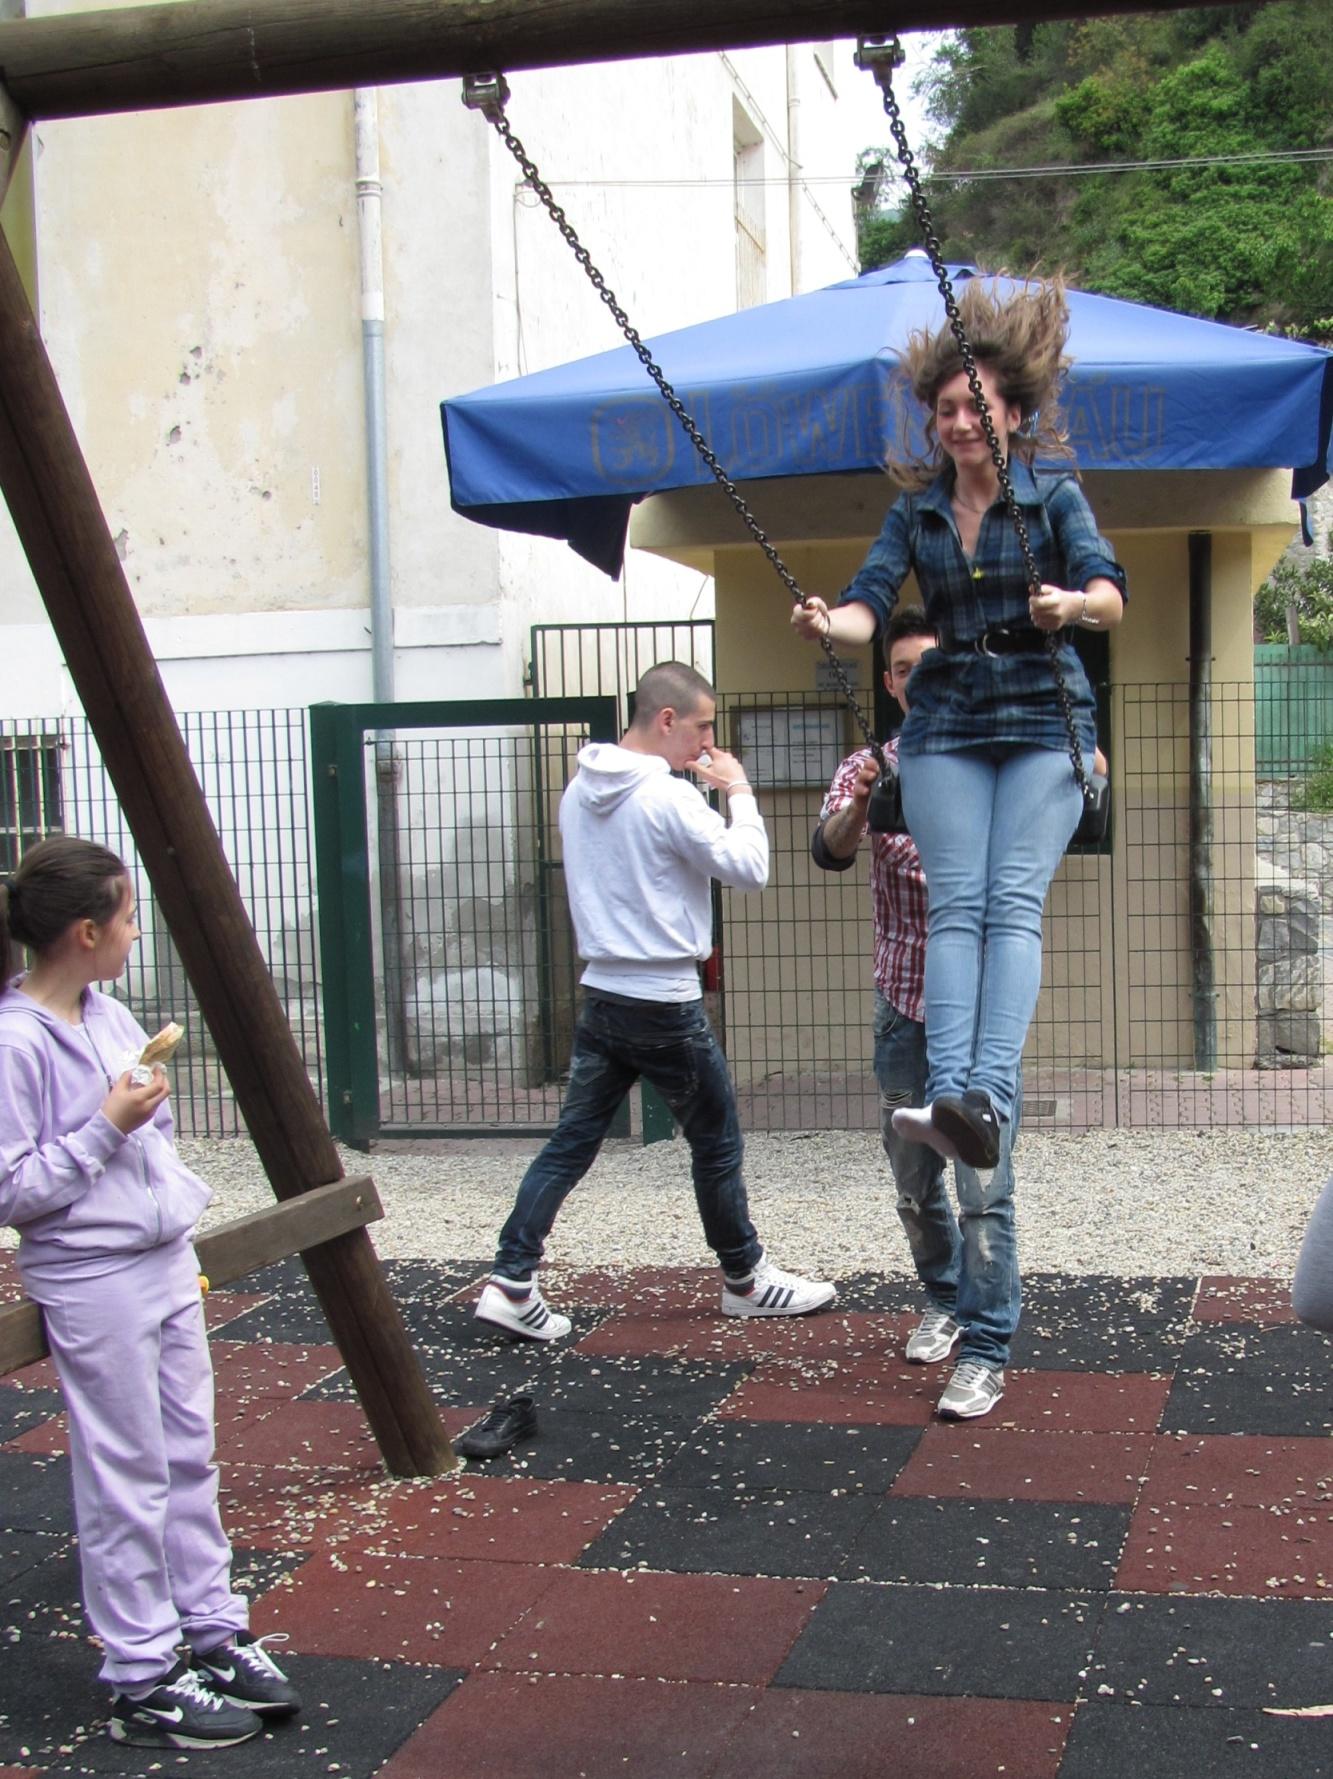 pasquetta_dolceacqua-2011-04-25-12-42-19